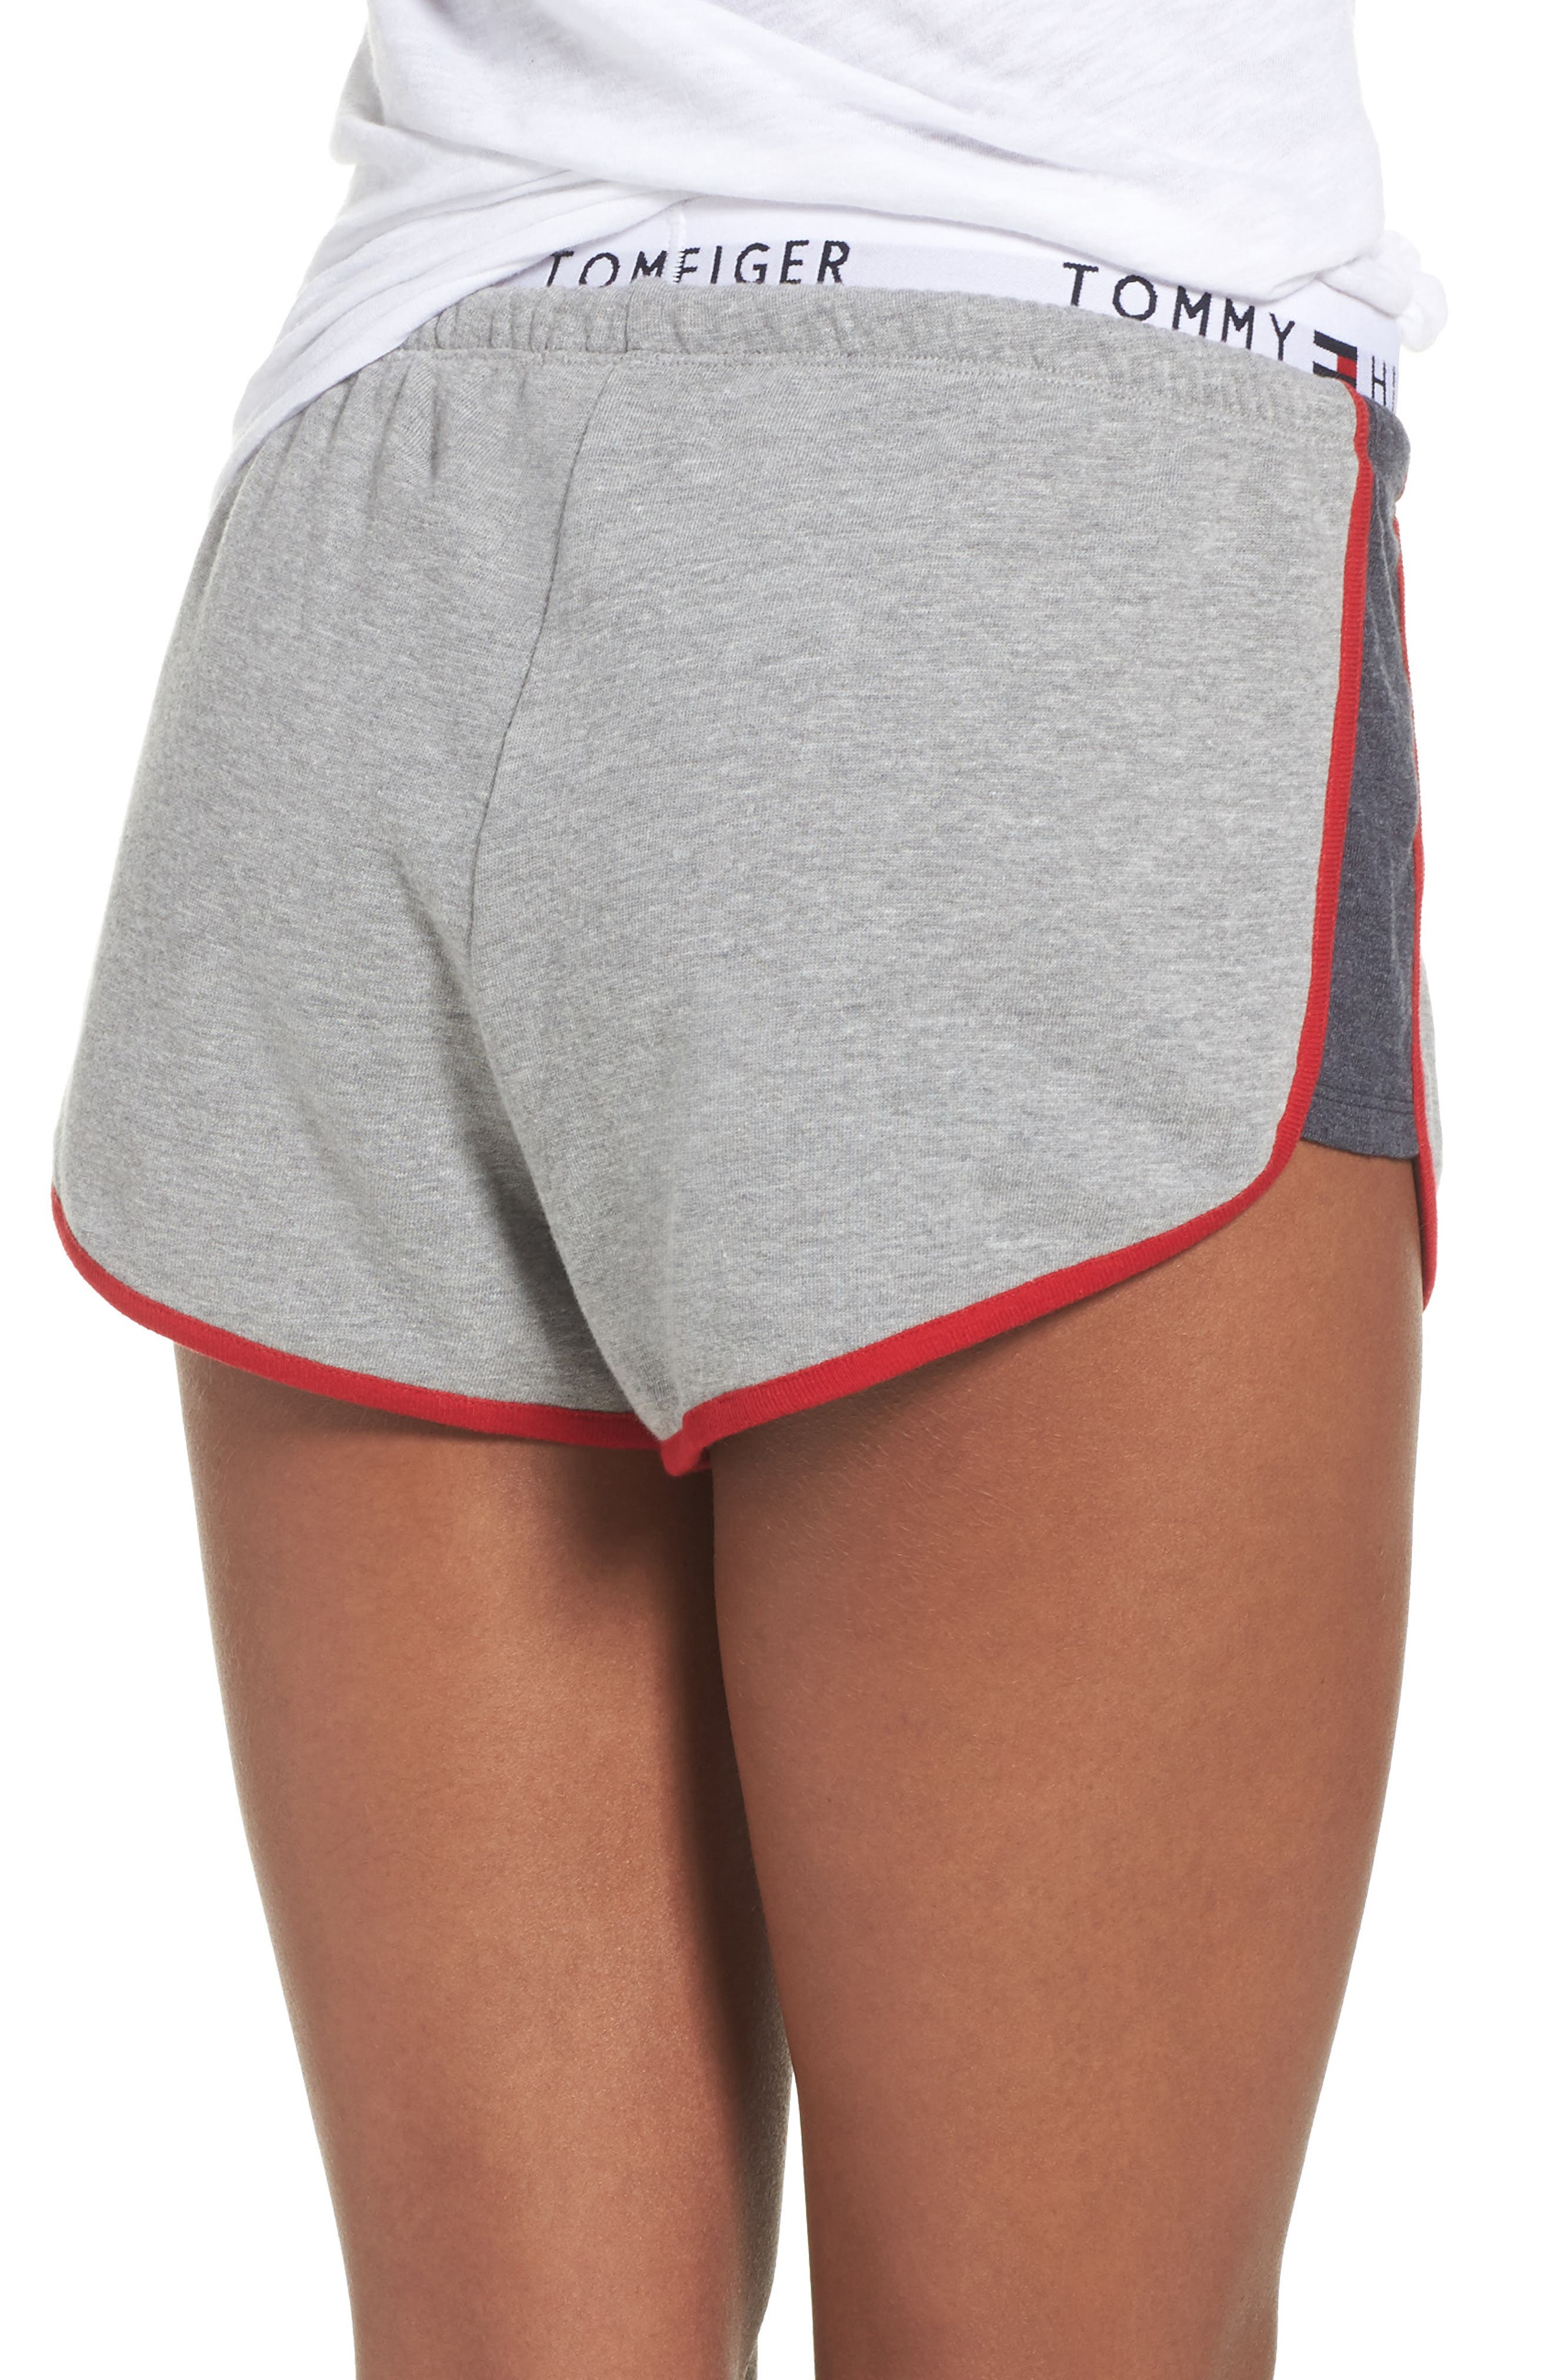 TH Retro Shorts,                             Alternate thumbnail 3, color,